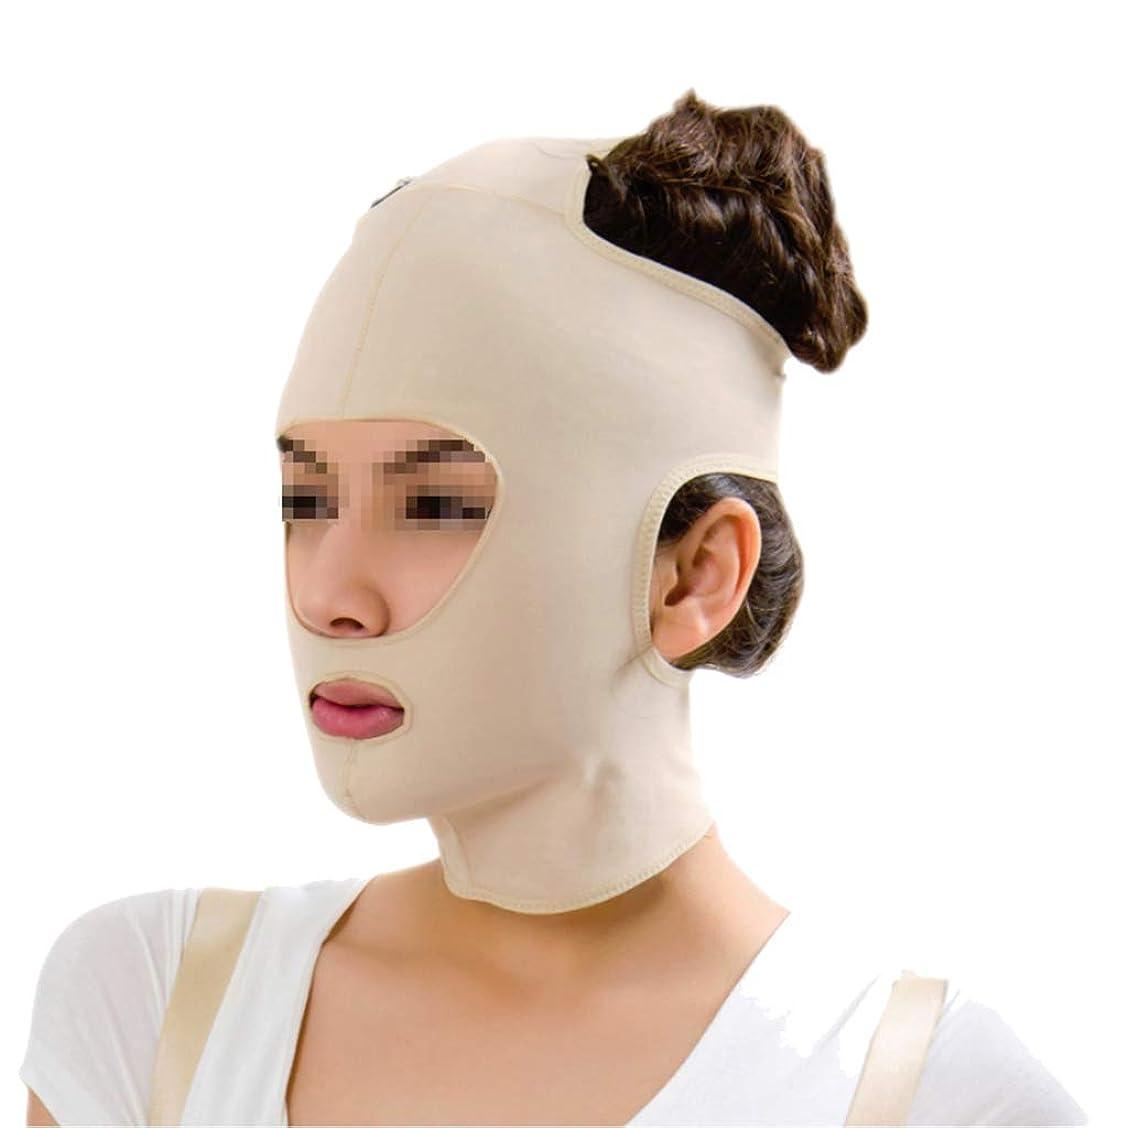 締め切り大邸宅道徳XHLMRMJ フェイスリフトマスク、フルフェイスマスク医療グレード圧力フェイスダブルチンプラスチック脂肪吸引術弾性包帯ヘッドギア後の顔の脂肪吸引術 (Size : S)